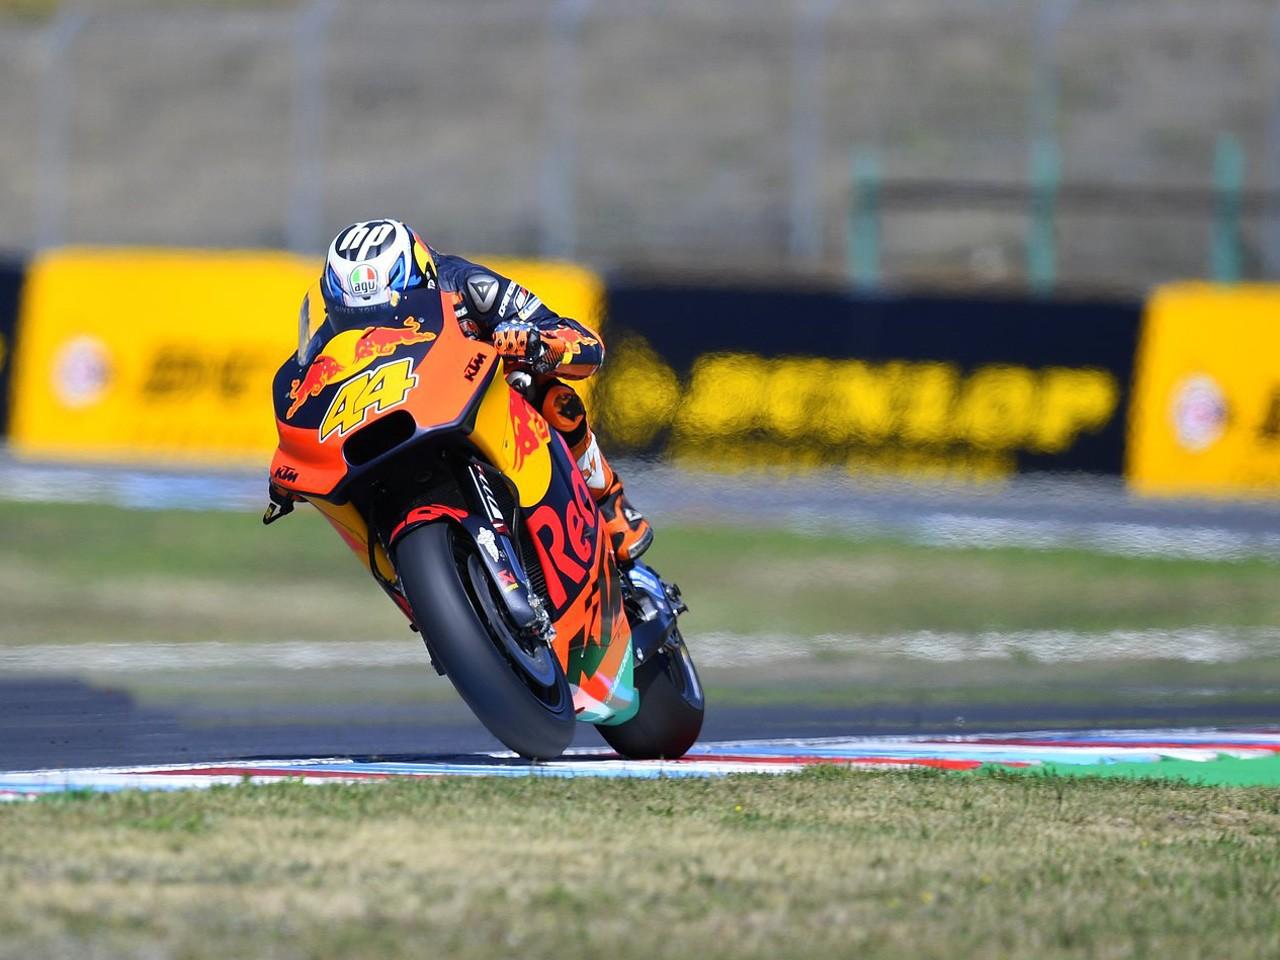 OFICIAL   Pol Espargaró será piloto en el Repsol Honda para 2021